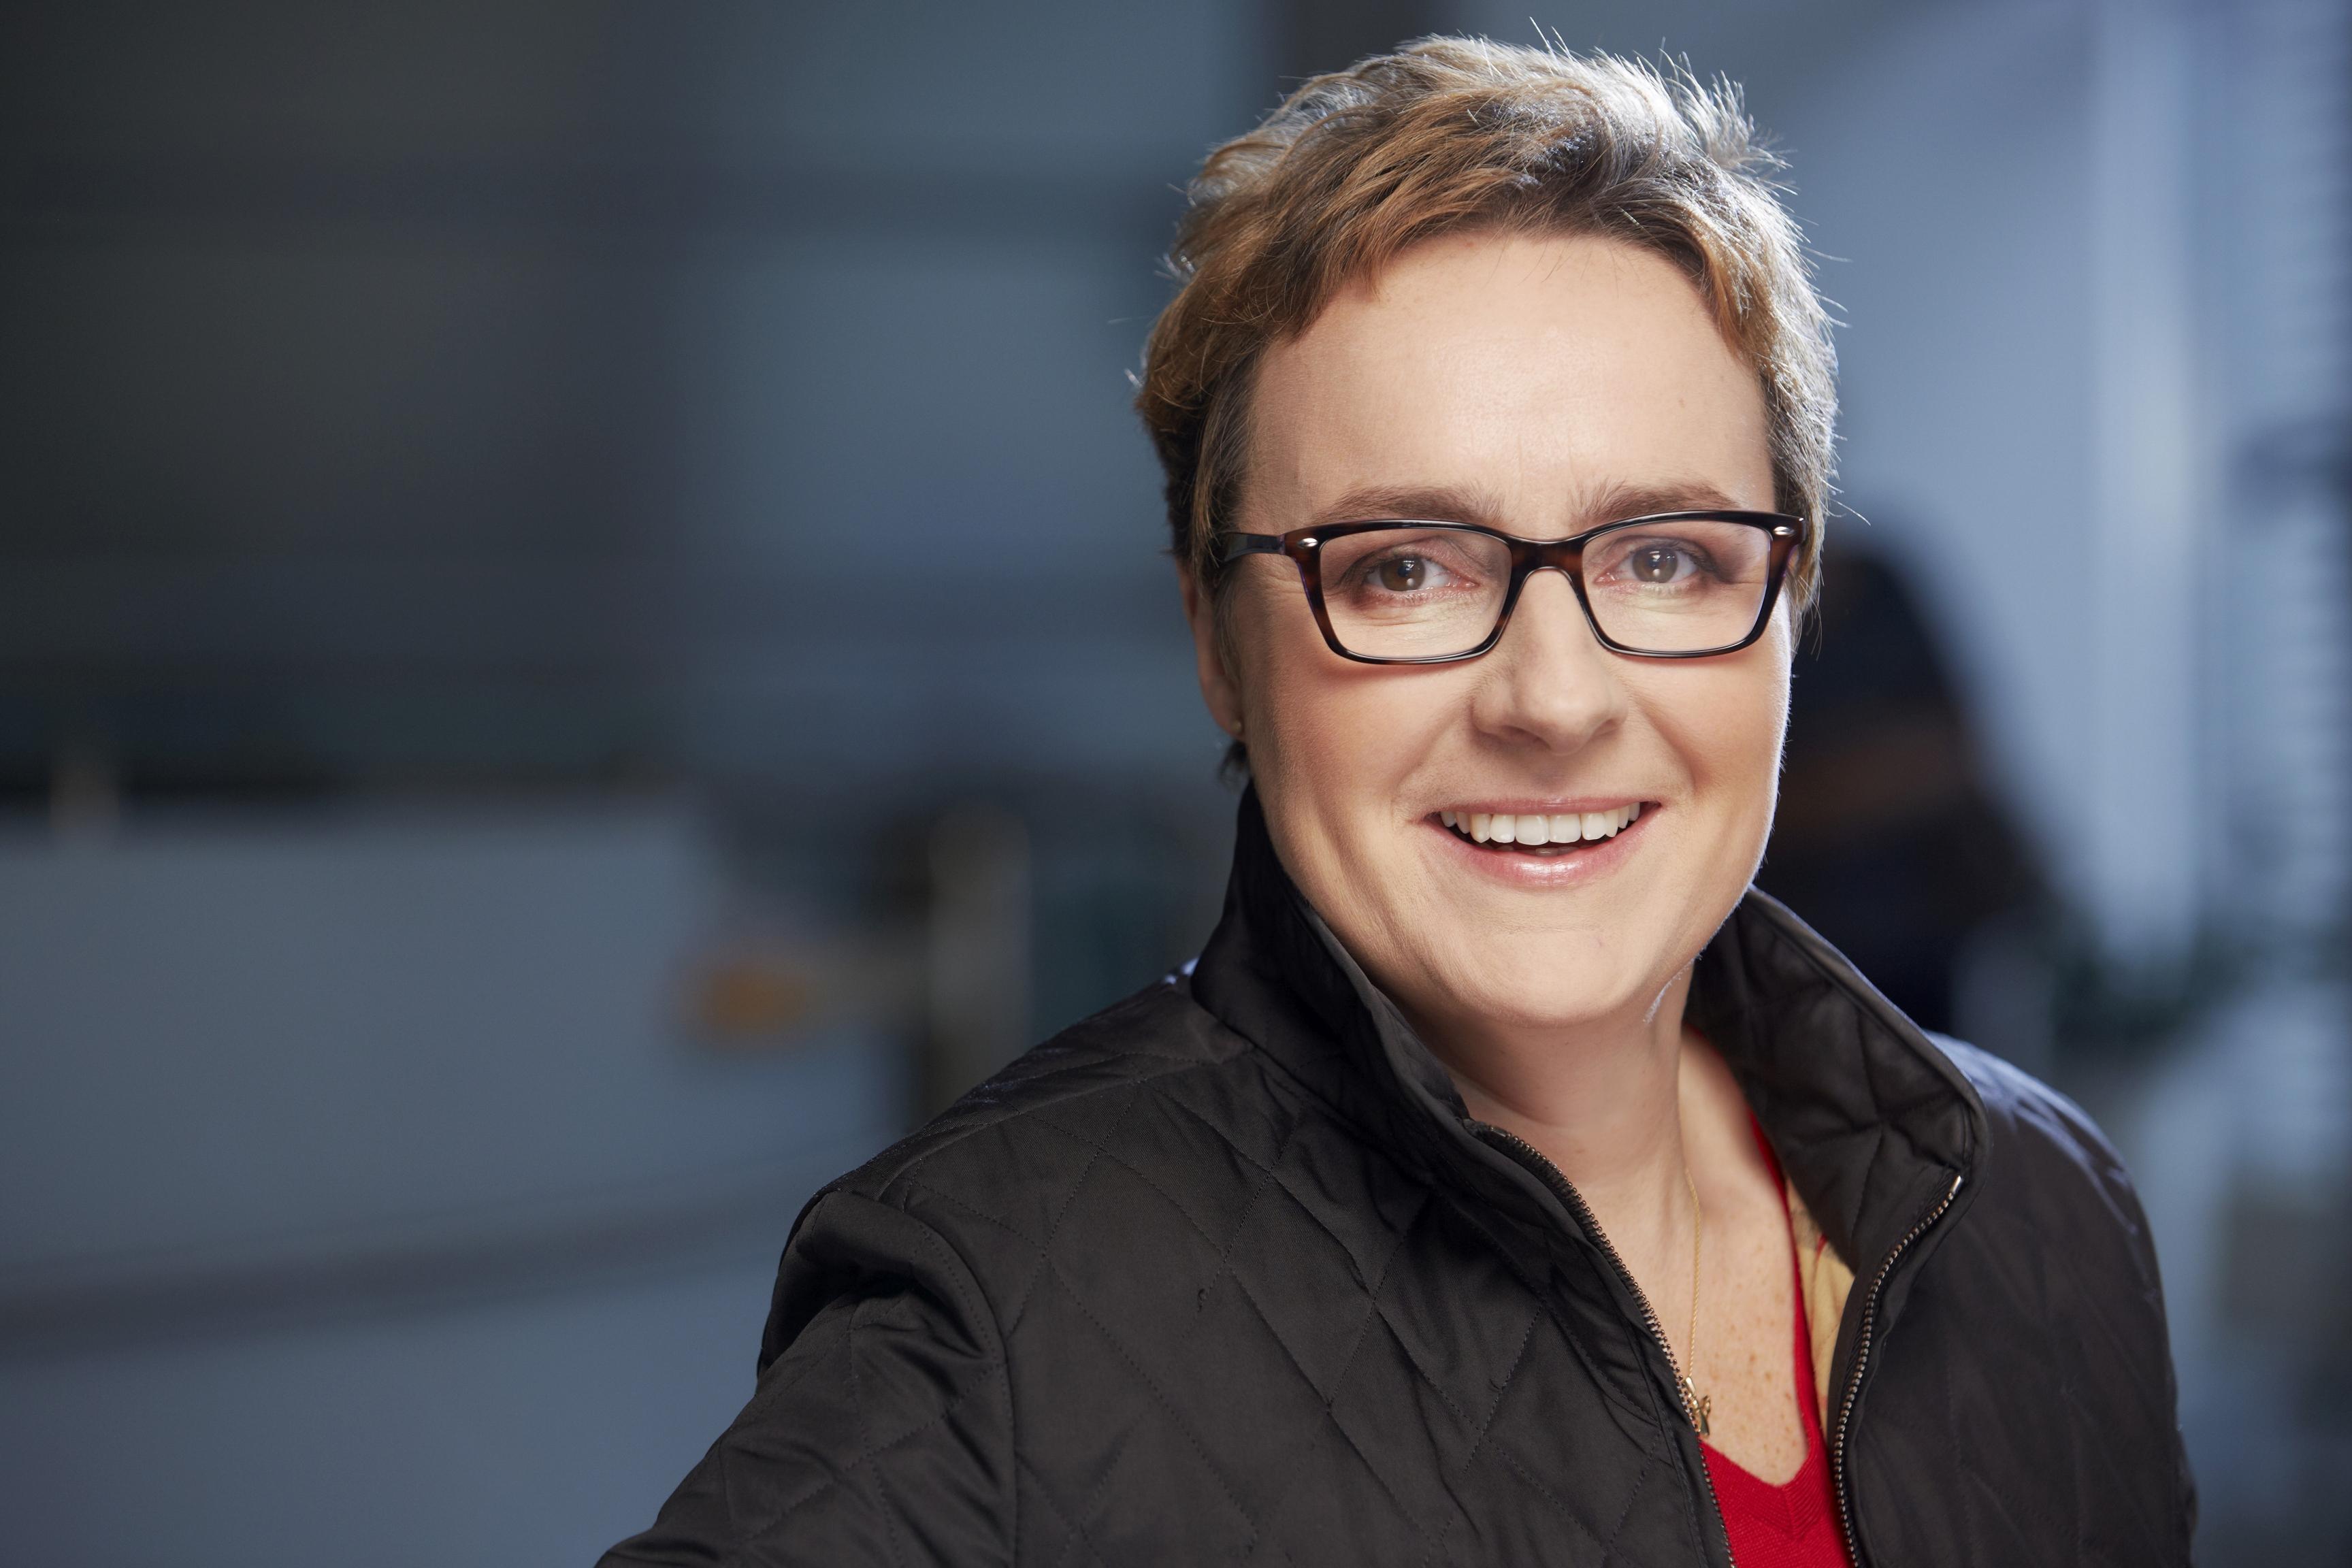 Dominika Bettman, prezeska Siemensa w Polsce (Fot. mat. pras. Siemens)